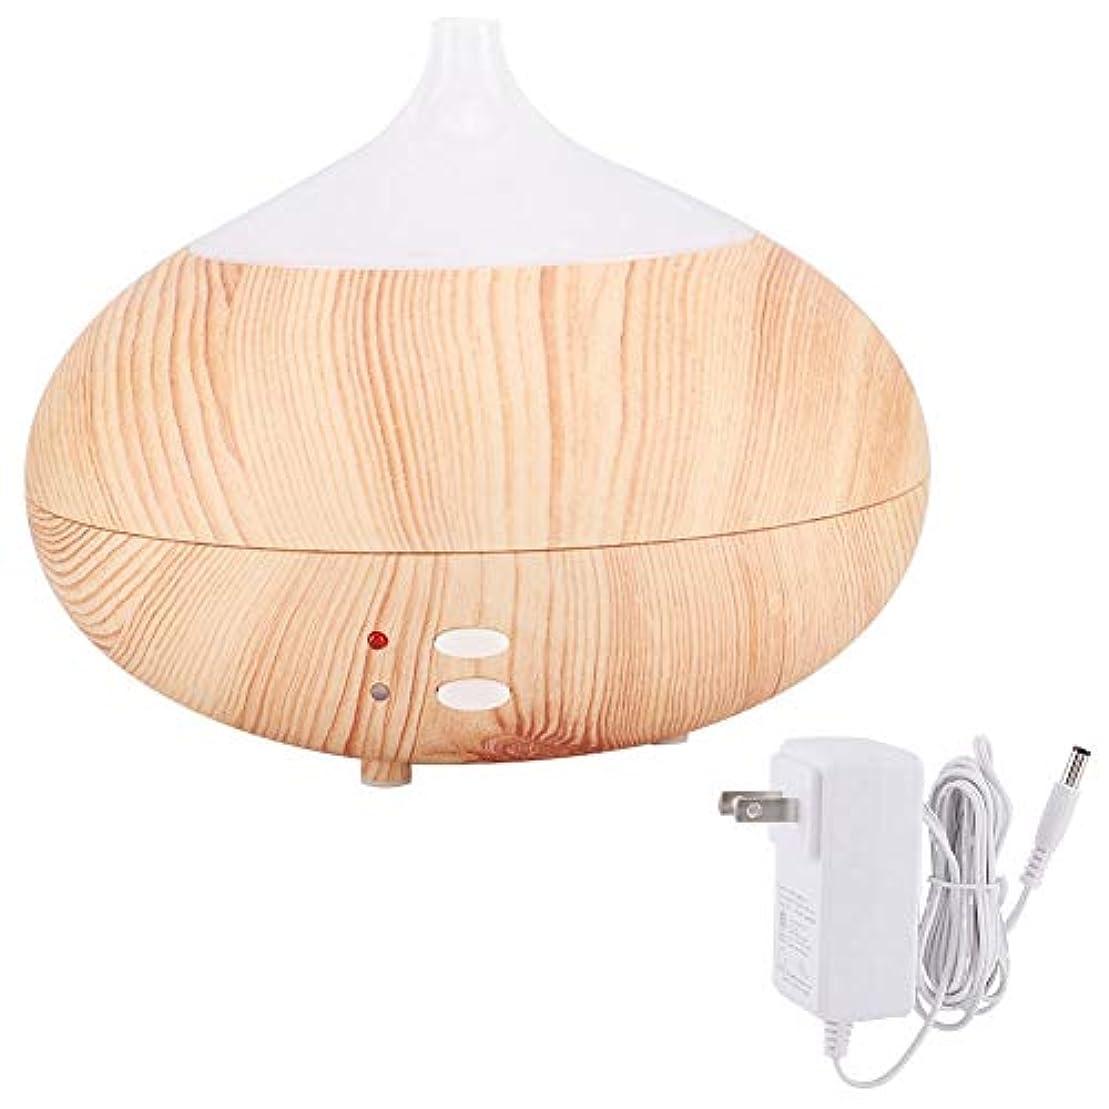 ディスカウント女王オフセットアロマエッセンシャルオイルディフューザー300ミリリットル木製クールミスト加湿器寝室リビングルーム研究ヨガスパ(100?240V)